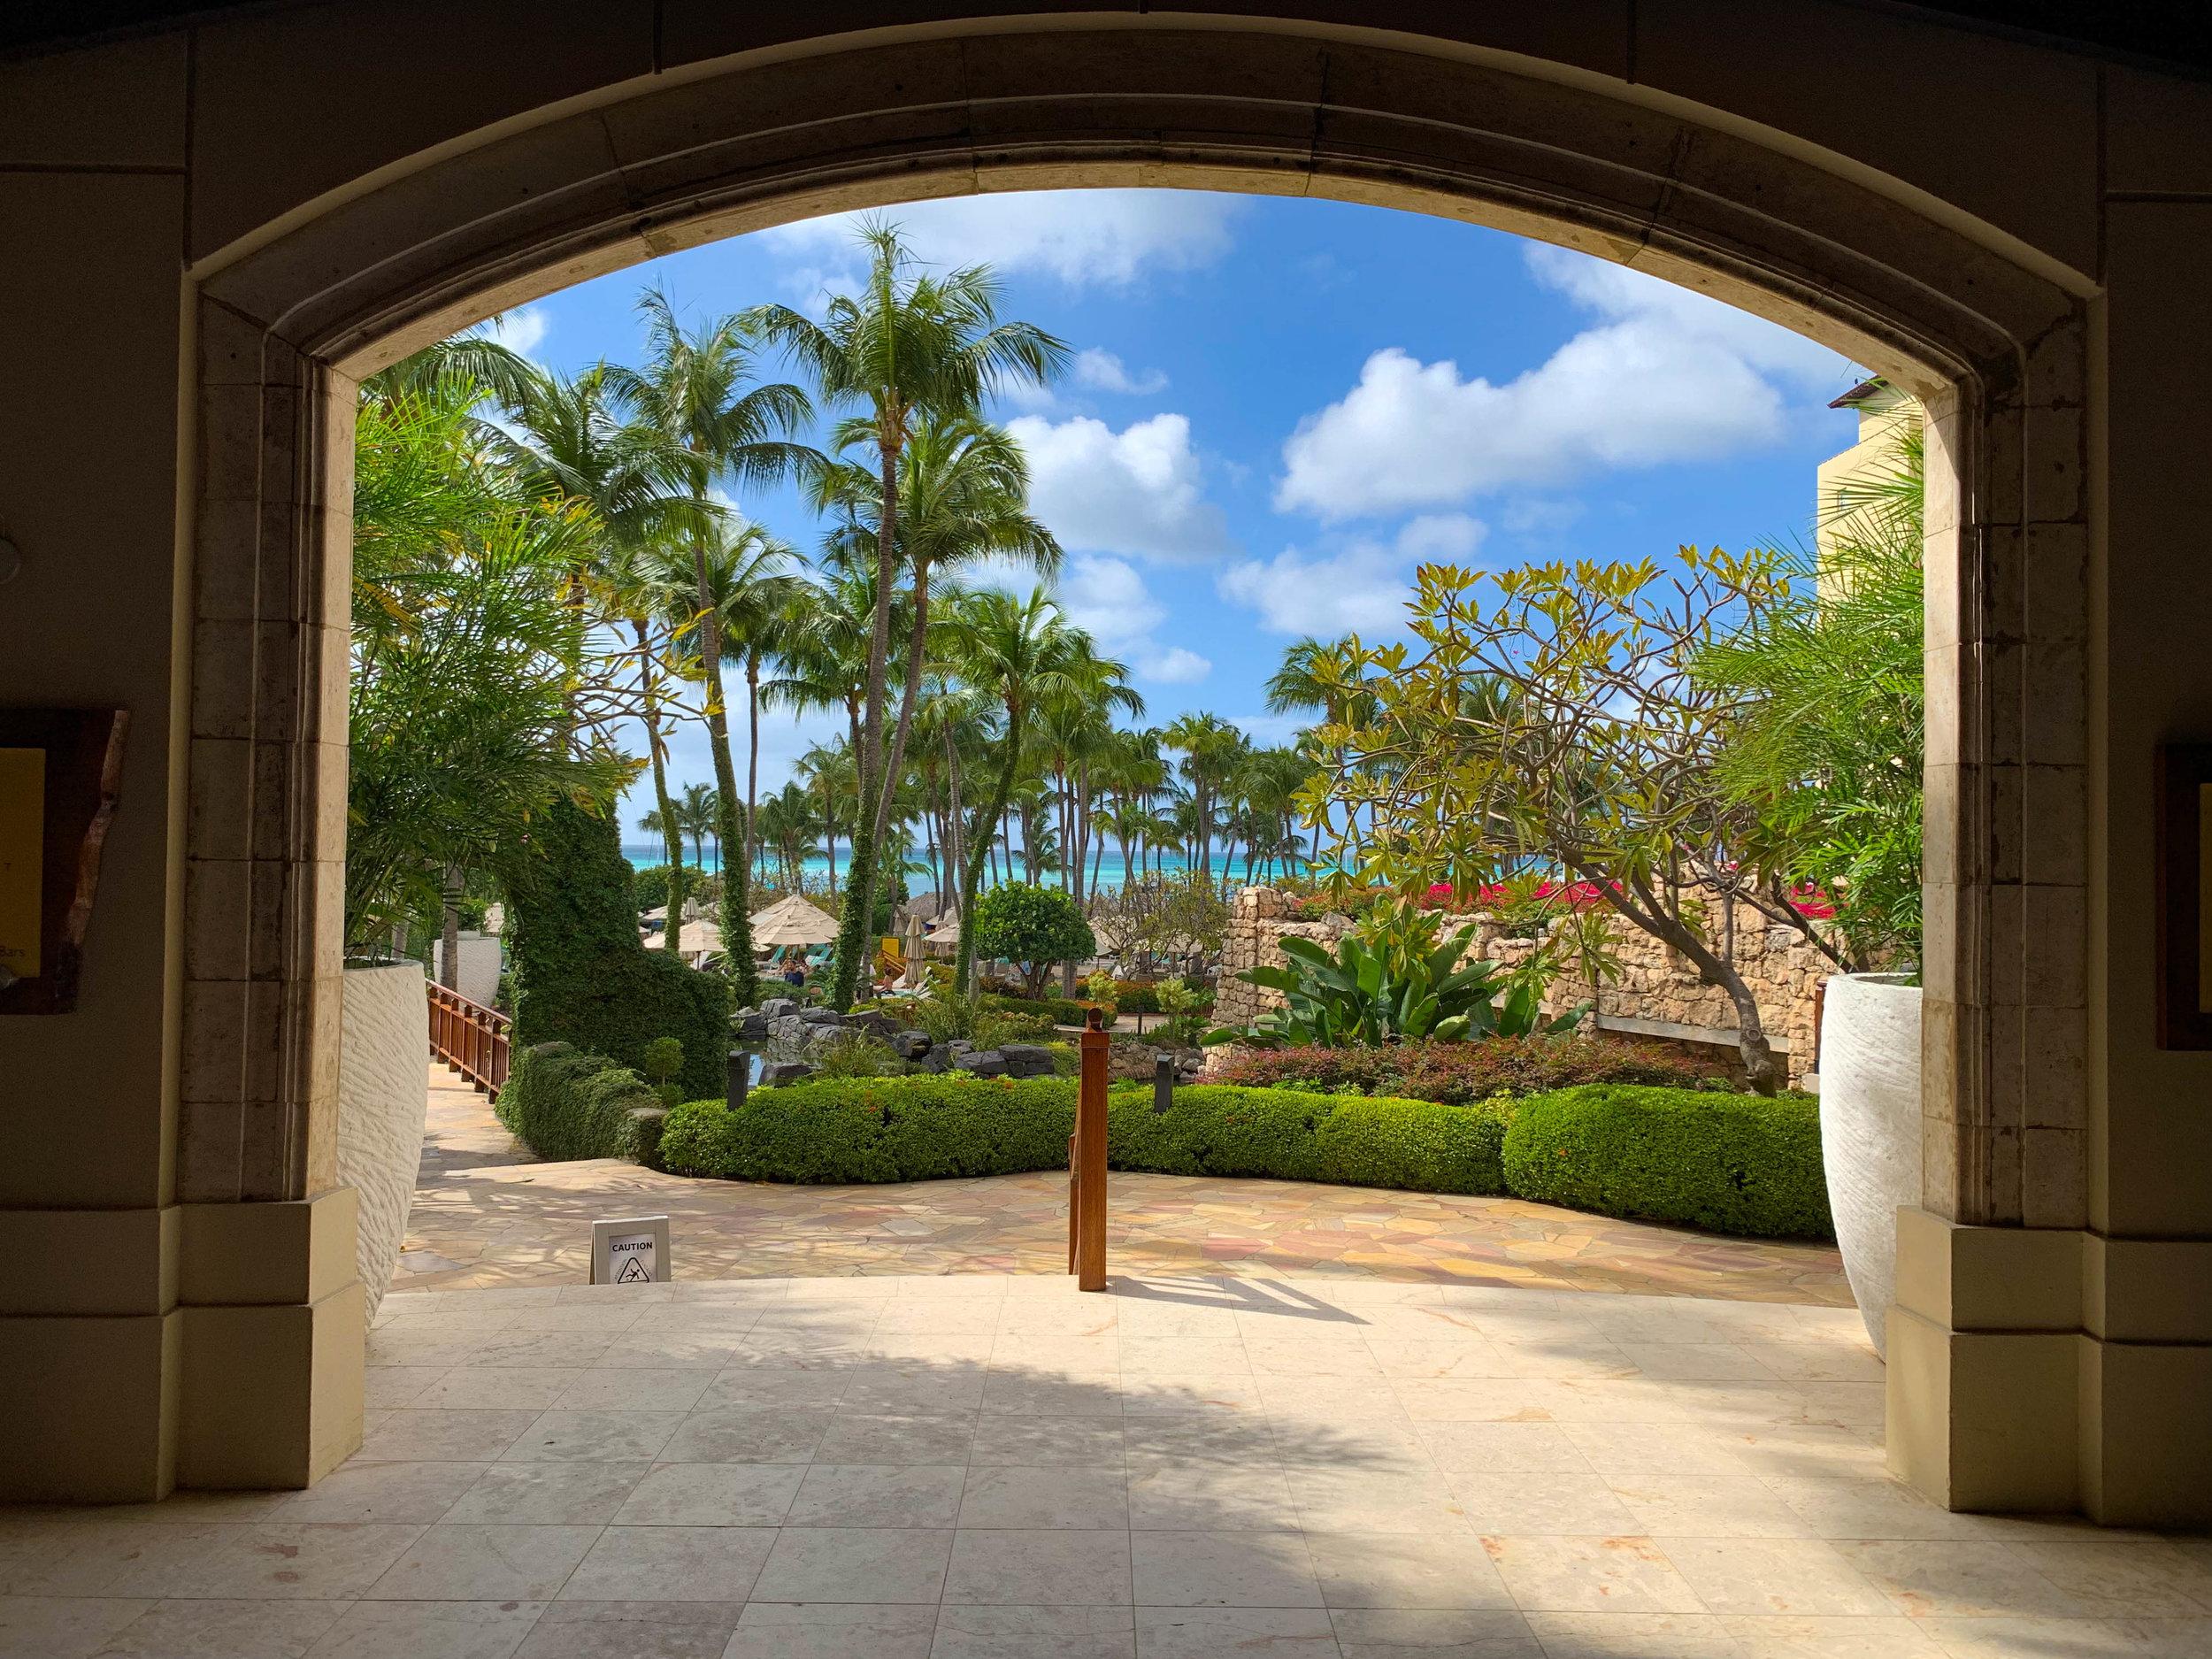 Aruba_Hyatt_Regency_Hotel_views.jpg